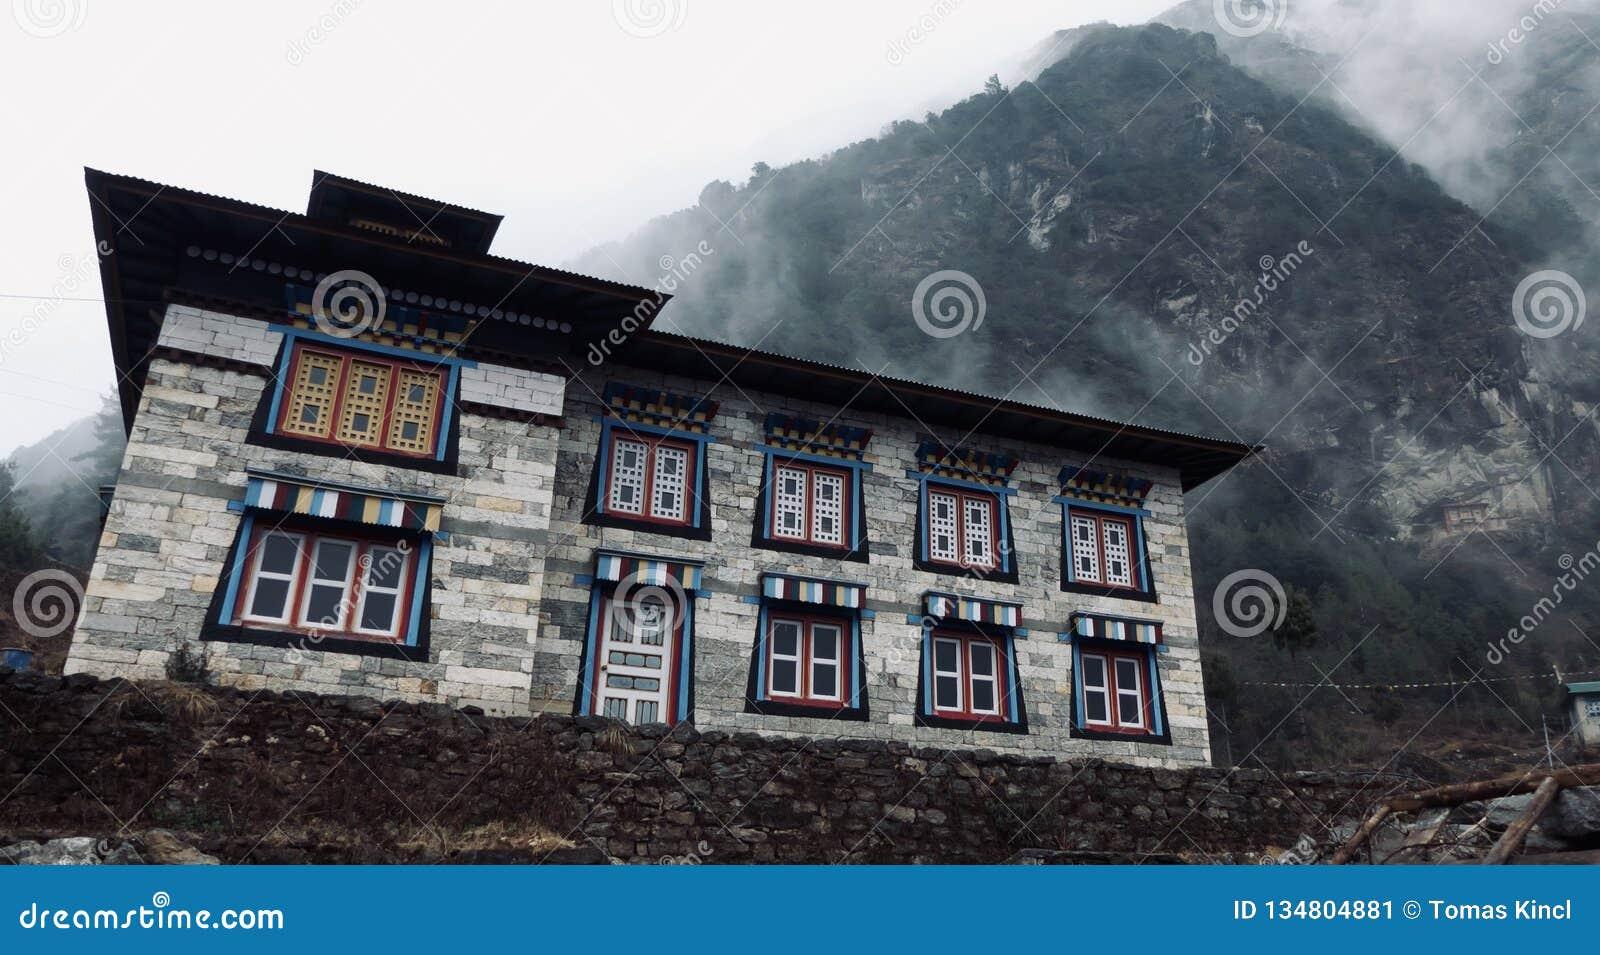 Nepal, construções históricas bonitas, maneira a Everest